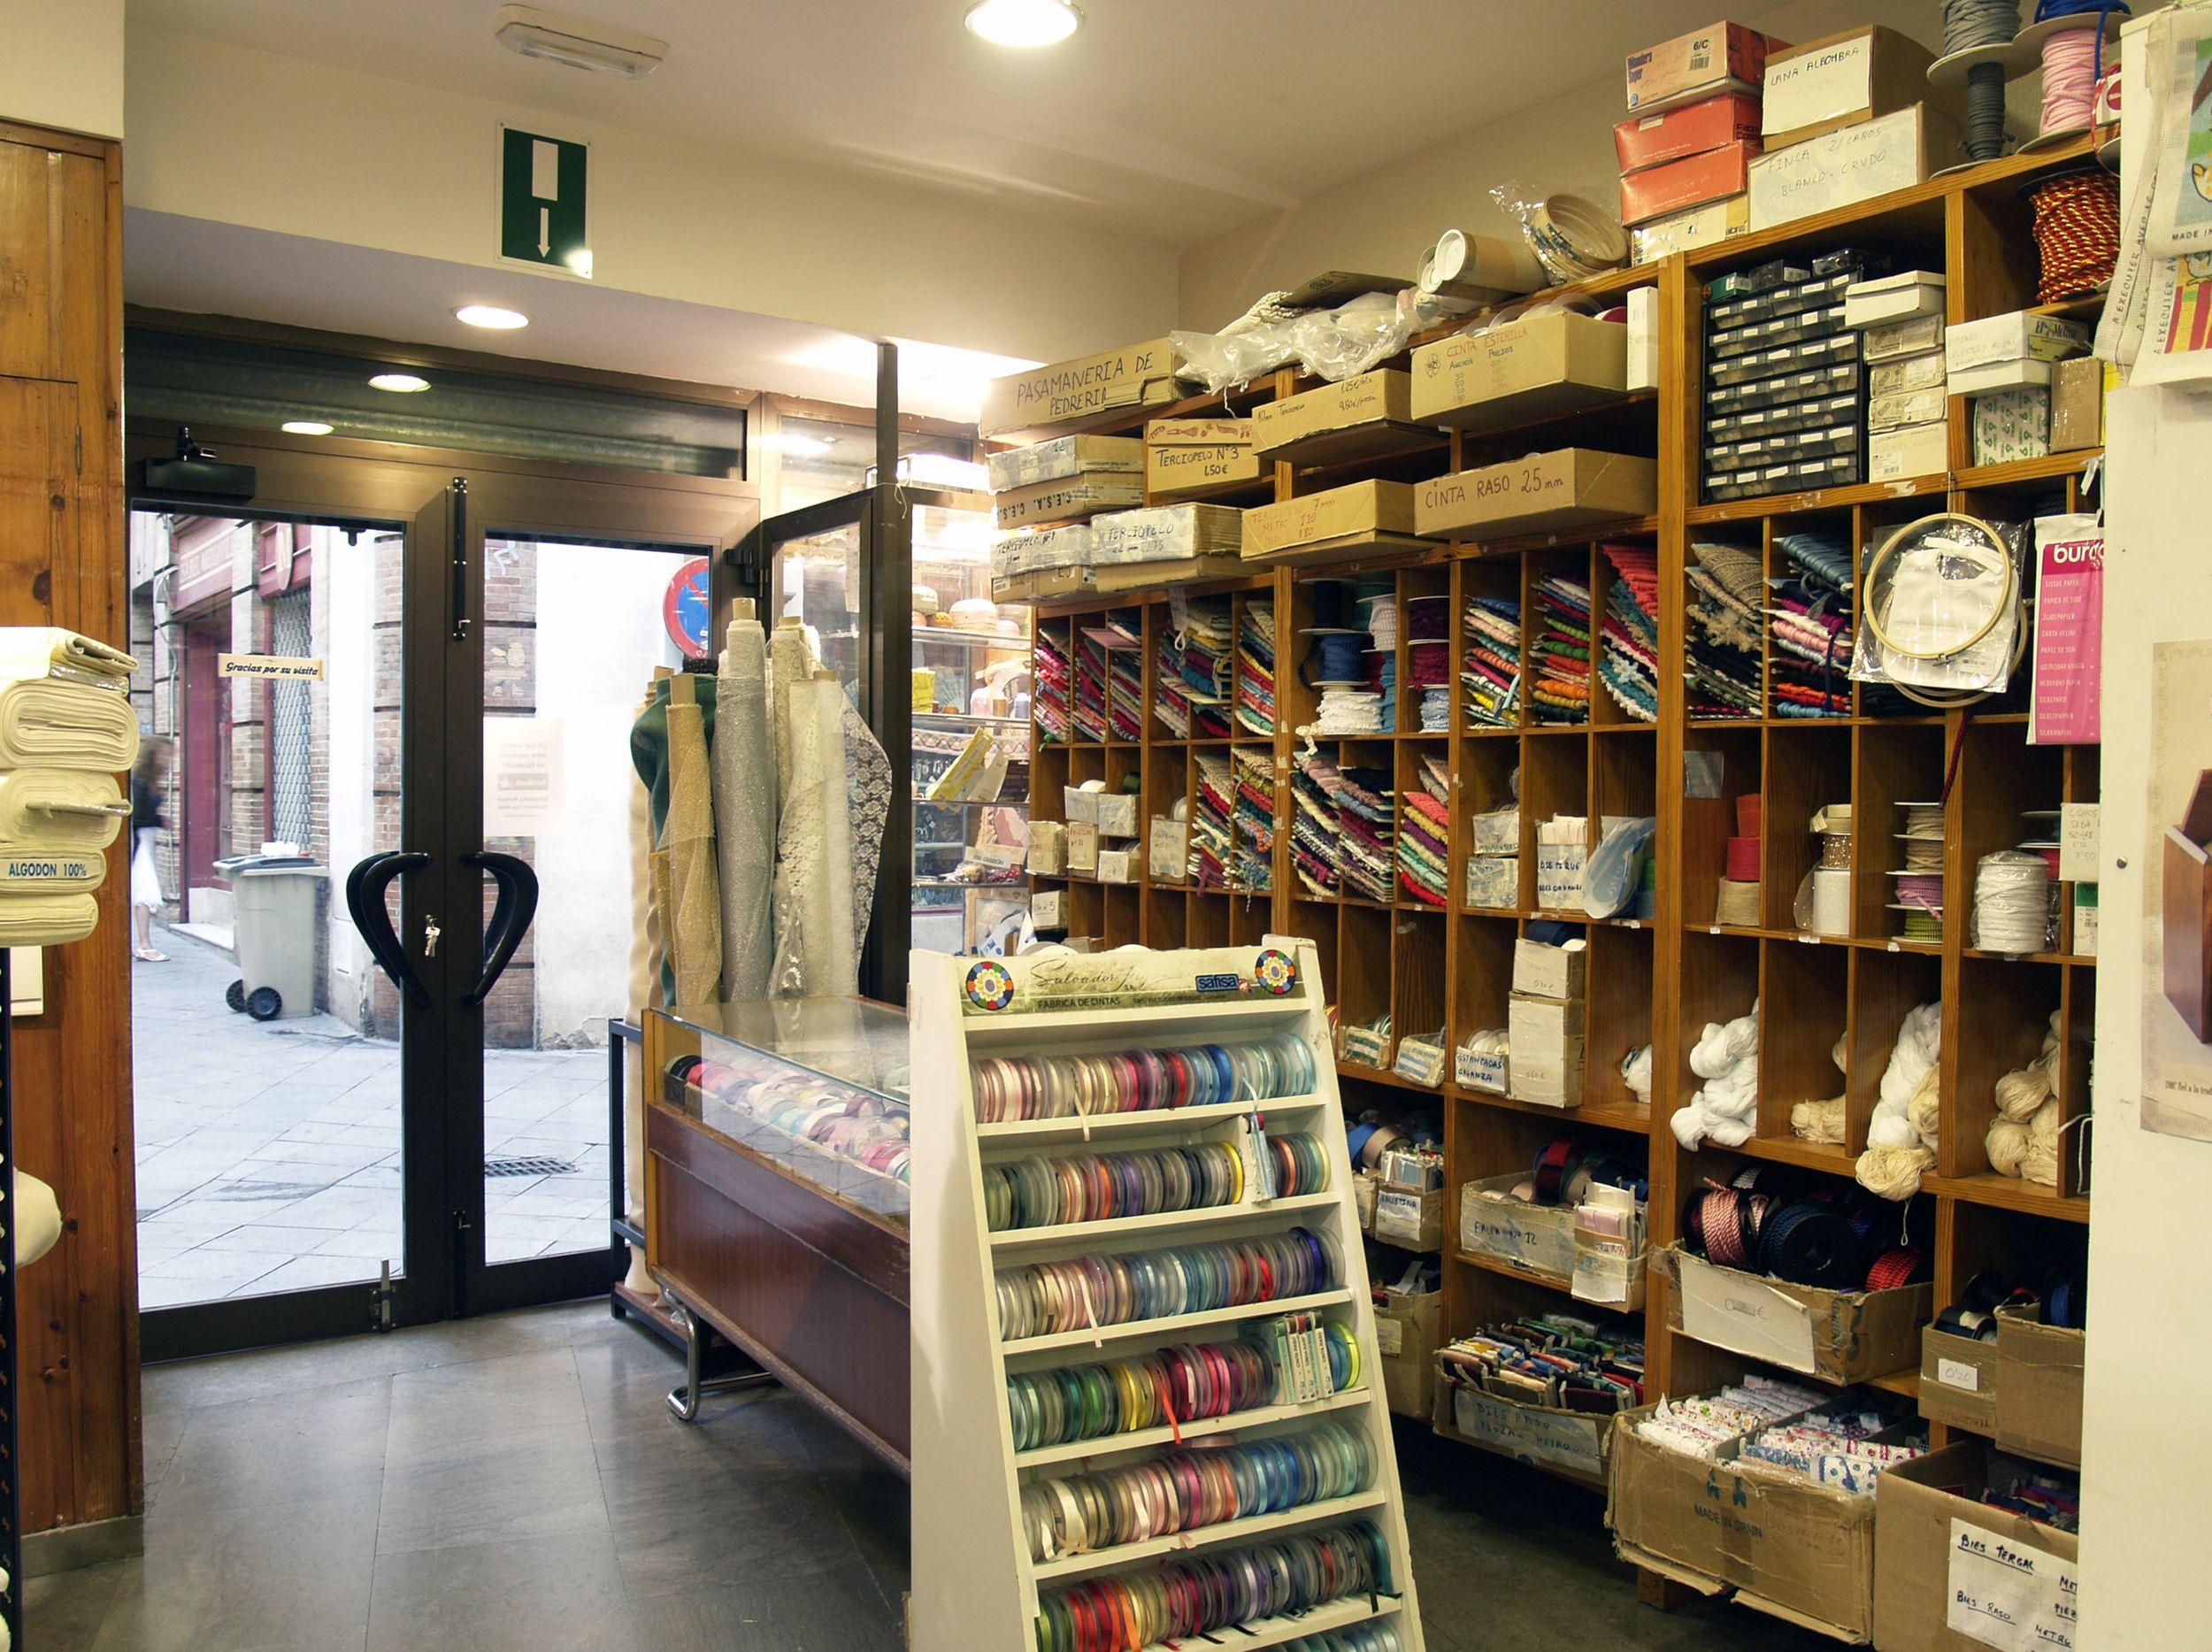 Tienda de telas y tejidos en Sevilla